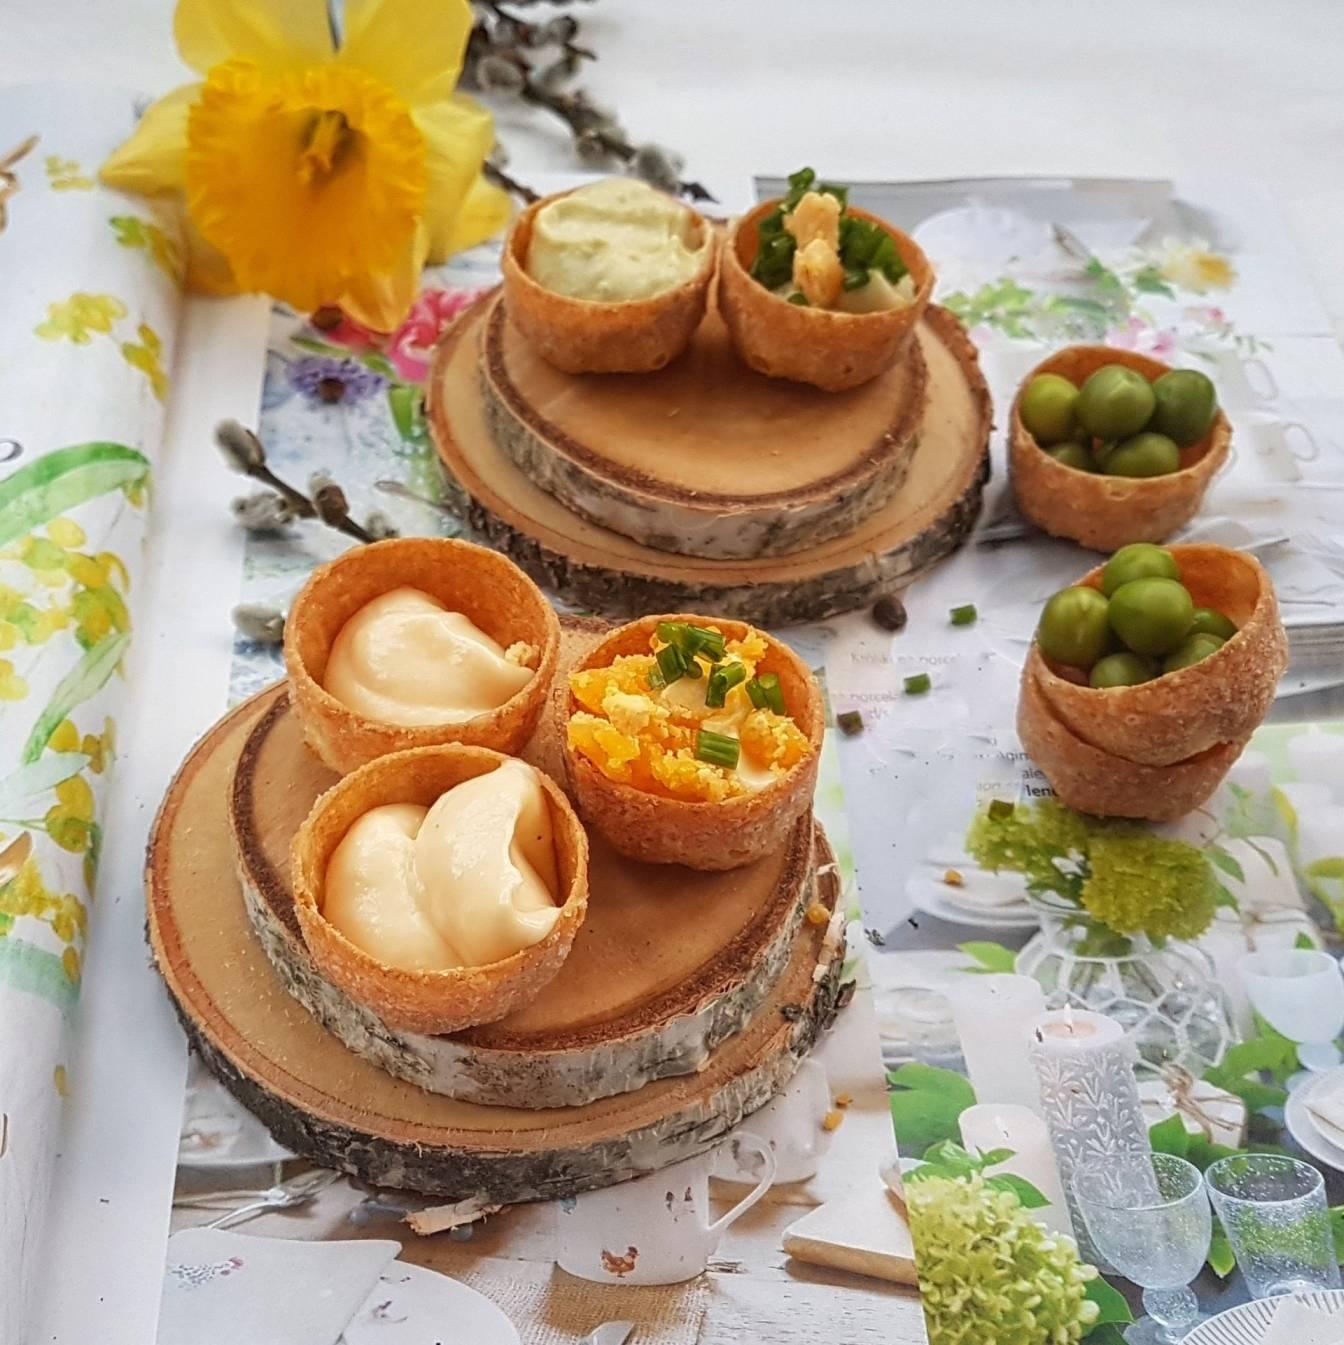 Domowy, lekki i błyskawiczny majonez z chrzanem lub groszkiem - przepisy wielkanocne Agnieszki Żelazko.